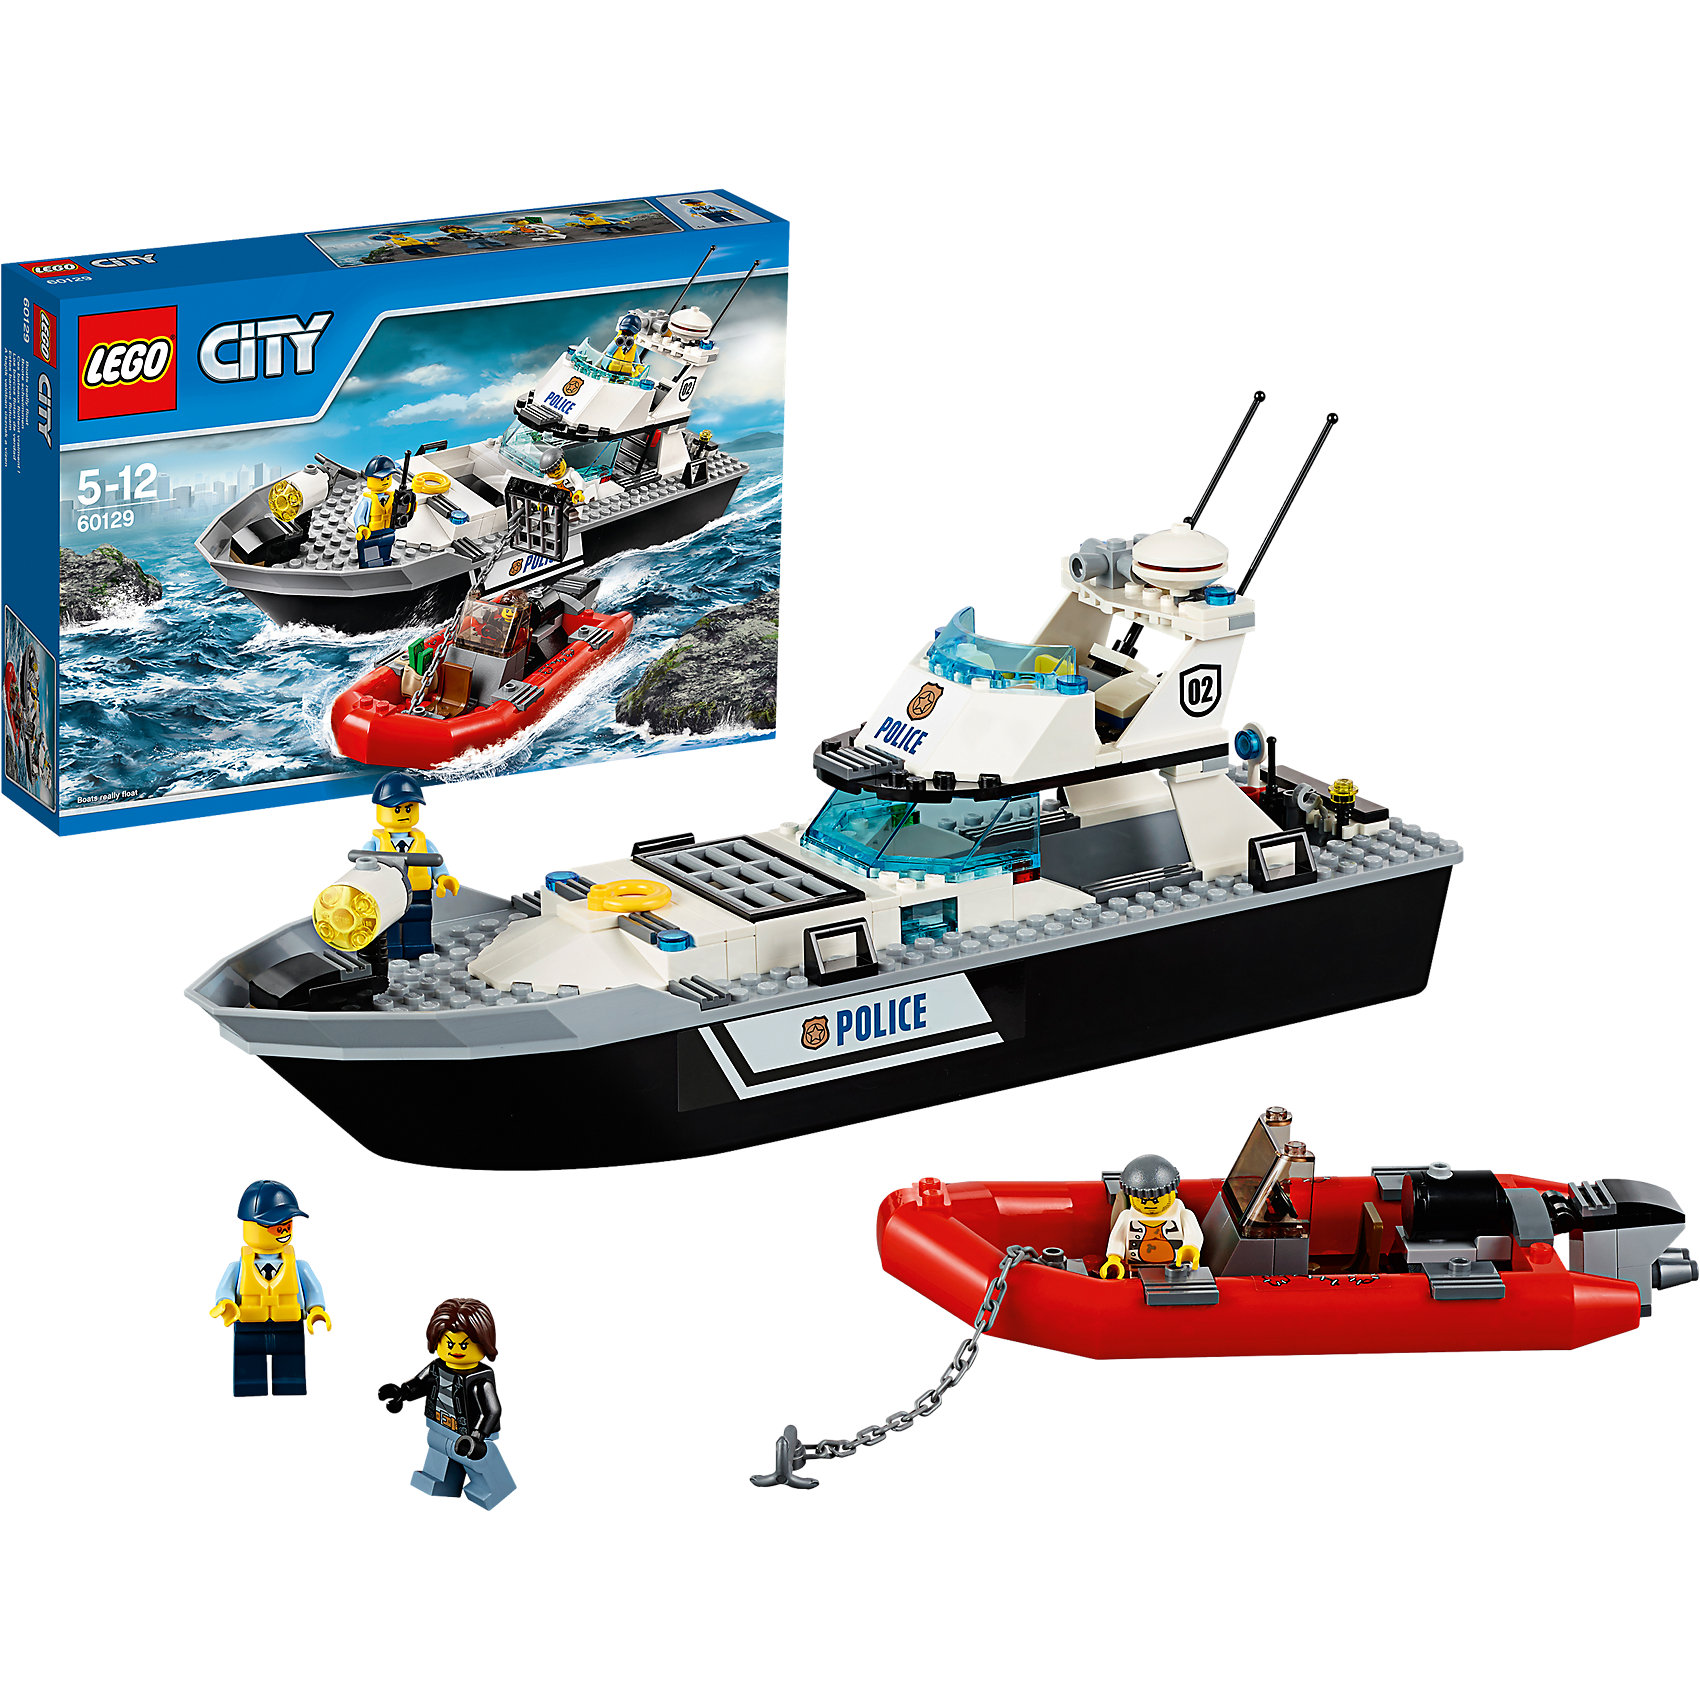 LEGO City 60129: Полицейский патрульный катерПластмассовые конструкторы<br>Конструктор LEGO City (ЛЕГО Сити) 60128: Полицейская погоня подарит Вашему ребенку новые веселые приключения и расширит игровые возможности. Полицейские Лего Сити на своем большом катере транспортируют преступника на остров-тюрьму. Но его напарник пытается освободить своего сообщника. Он подплыл на надувной лодке к катеру и цепляет решетку камеры к лодке с помощью якоря - преступник вот-вот окажется на свободе, скрывшись с награбленными деньгами! Помоги полицейским предотвратить побег и сохранить порядок в городе. Из деталей набора Вы сможете собрать впечатляющий патрульным катер со множеством интересных элементов. В носовой части палубы установлен мощный противотуманный прожектор, за ним располагается тюремная камера с решёткой, в которой можно разместить минифигурку заключенного. Над палубой возвышается двухуровневый капитанский мостик, а этажом ниже - каюта для отдыха полицейских, в которую можно спуститься по подвесной лестнице. Лодка преступников оснащена мощным мотором, тонированным ветровым стеклом и сиденьями для водителя и пассажира. В комплект также входят различные игровые аксессуары и четыре минифигурки: 2 полицейских и 2 преступника. <br><br>Серия конструкторов  LEGO City позволяет почувствовать себя инженером и архитектором, строителем или мэром города. Вы можете создавать свой город мечты, развивать городскую инфраструктуру, строить дороги и здания, управлять городским хозяйством и следить за порядком.<br>В игровых наборах с разнообразными сюжетами много интересных персонажей, оригинальных объектов и городской техники. Это уникальная возможность для ребенка развивать фантазию и логическое мышление, узнавать и осваивать разные профессии.<br><br>Дополнительная информация:<br><br>- Игра с конструктором LEGO (ЛЕГО) развивает мелкую моторику ребенка, фантазию и воображение, учит его усидчивости и внимательности.<br>- Количество деталей: 200.<br>- Количество минифигур: 4.<br>- Серия: